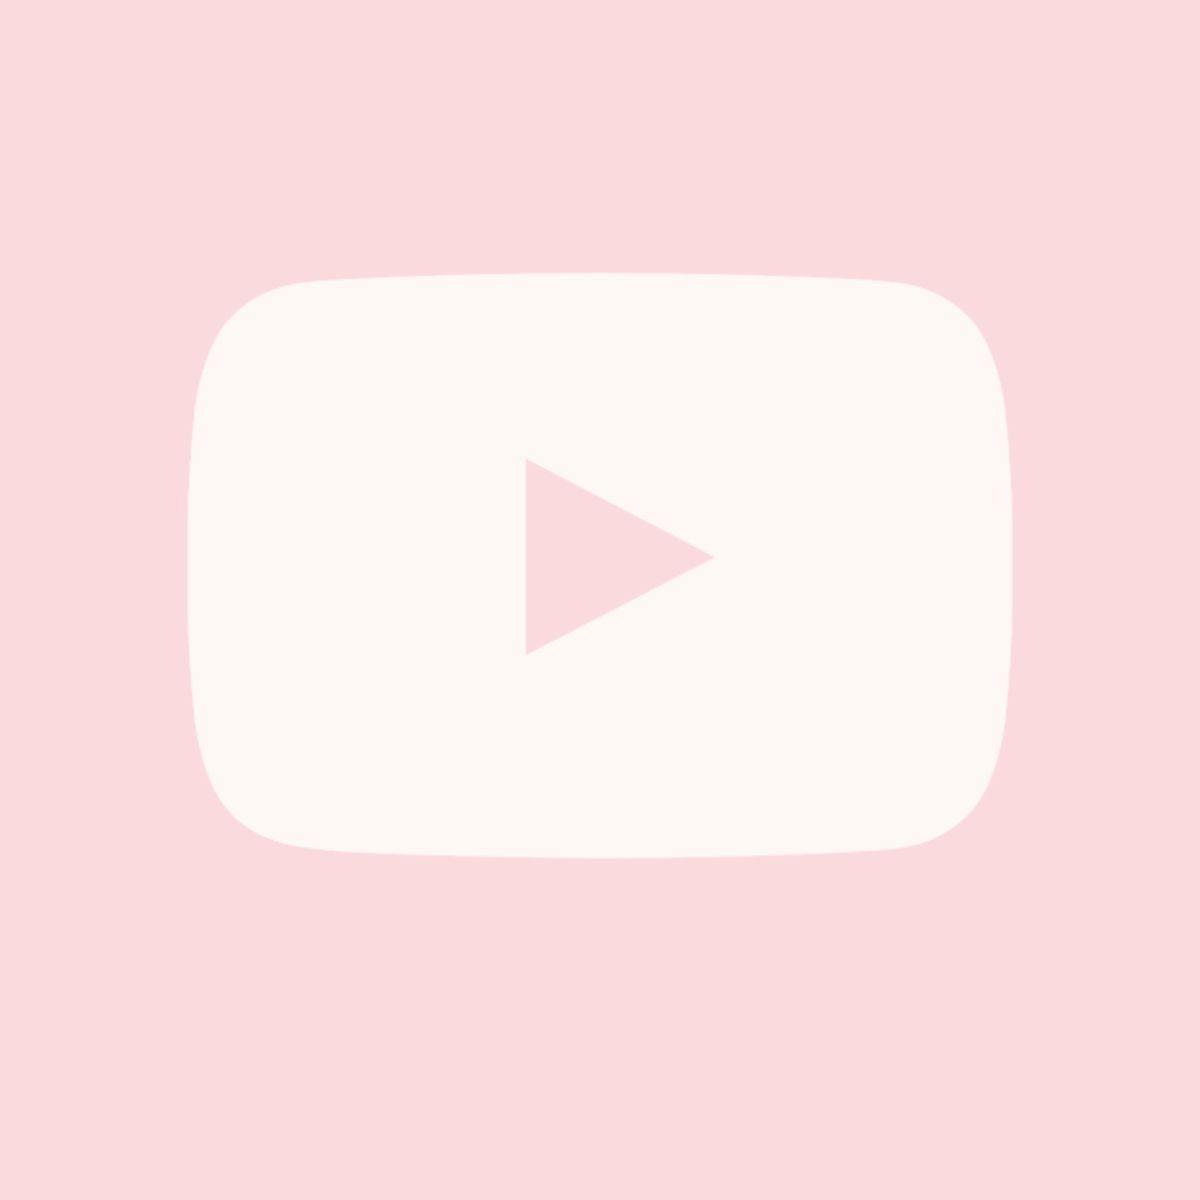 Cute Wallpaper For Youtube Wallpapersafari Youtube Channel Art Youtube Art Channel Art